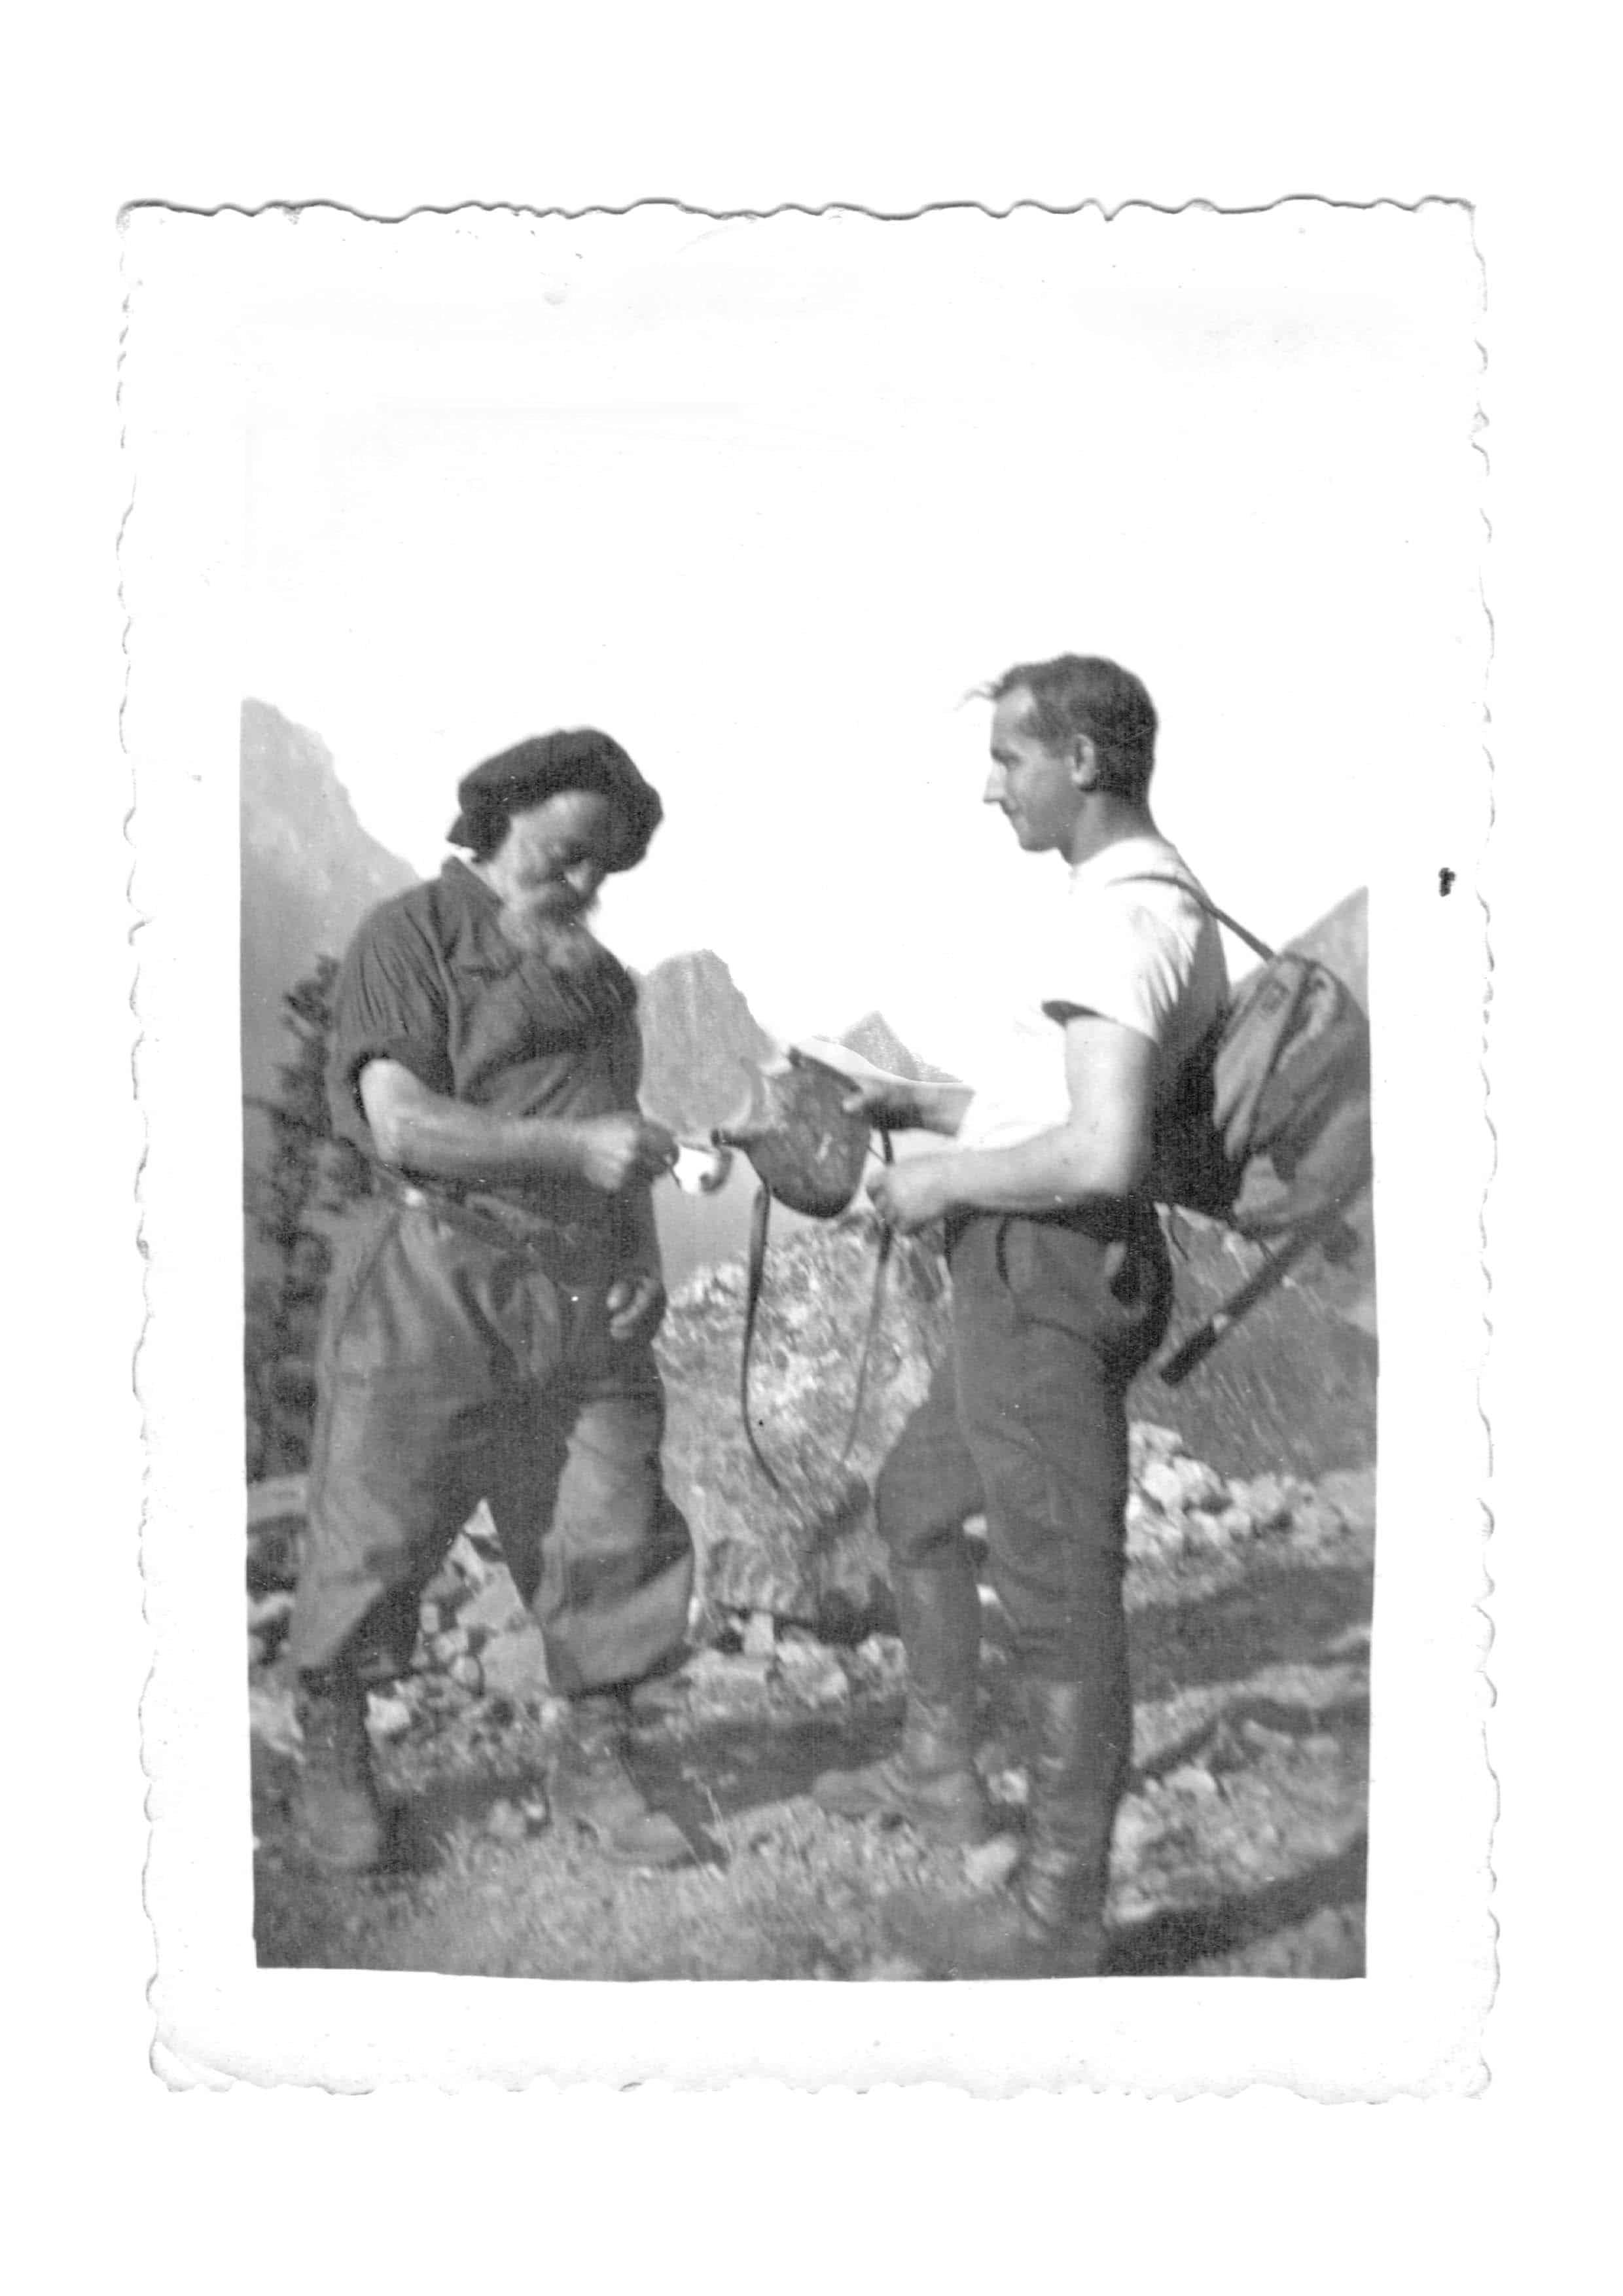 PLANTUS L'arrière-grand-père et l'arrière-arrière-grand-père en pause rafraîchissante dans les terres alpines de leurs ancêtres. Tous droits réservés UI SAS.